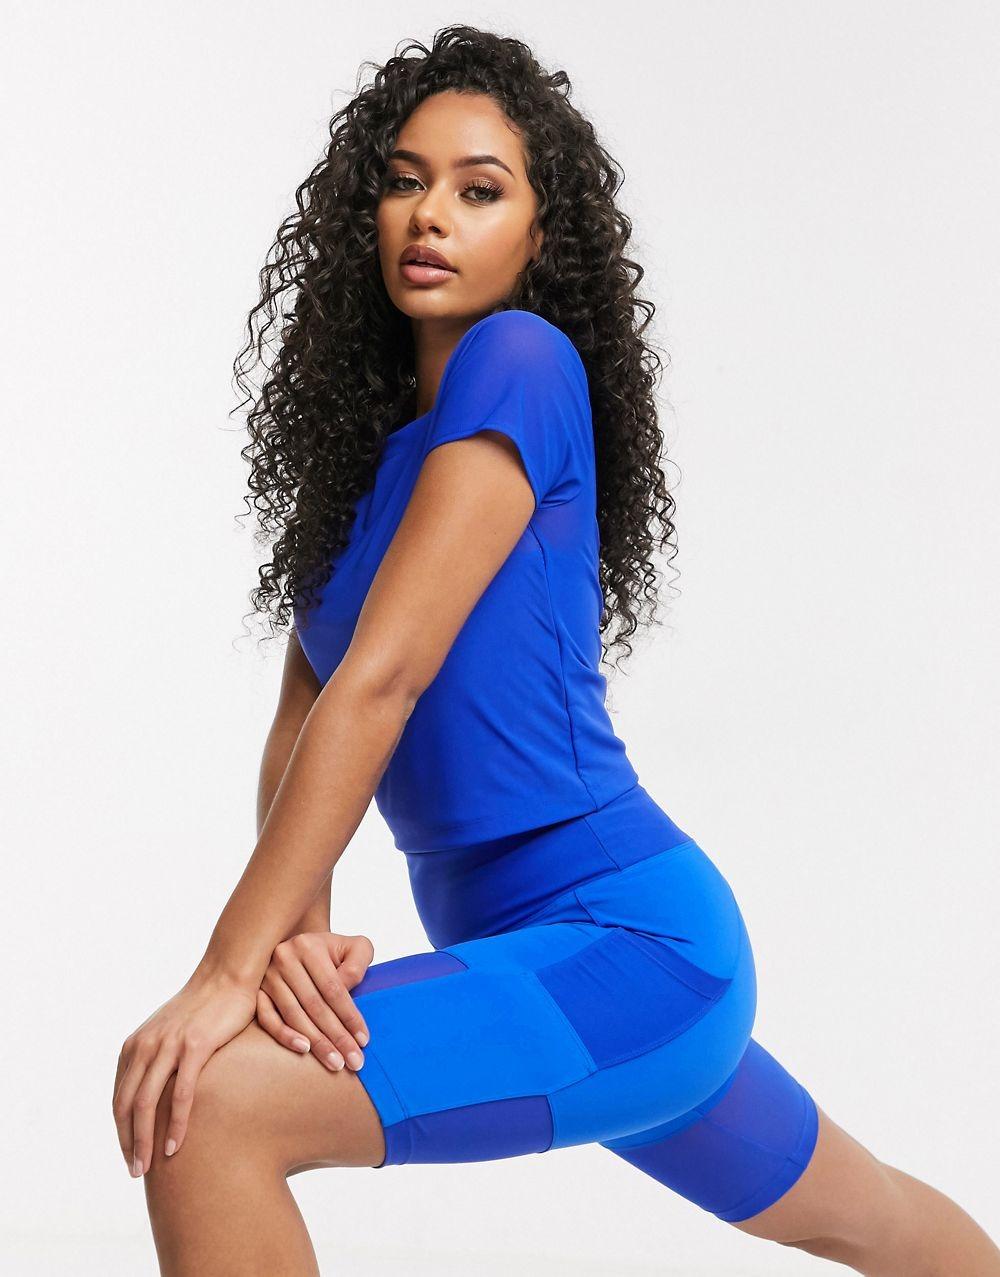 Frauen Sporthose Blau